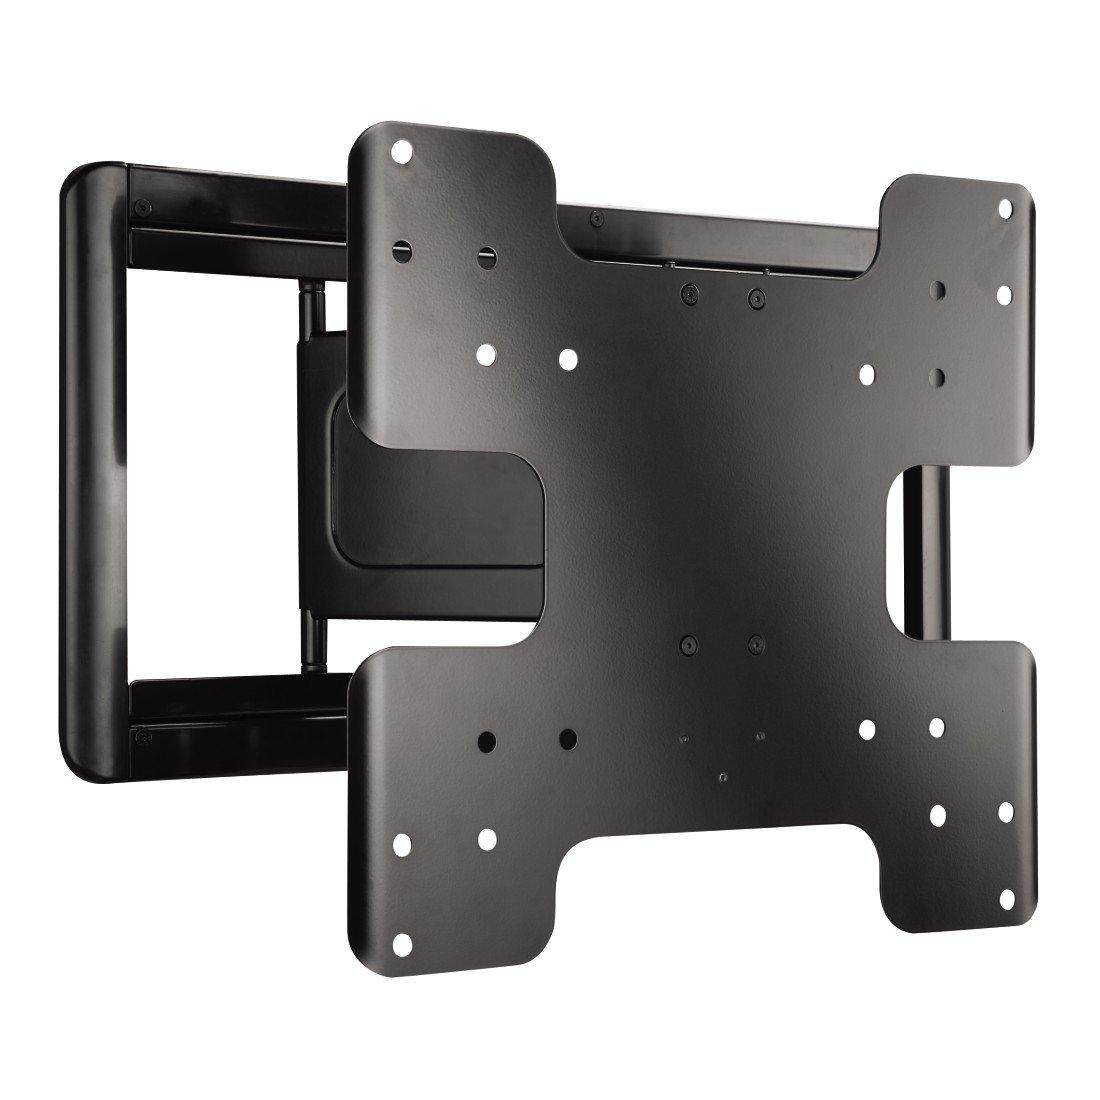 Sanus System VMF308 Super Slim Wandhalterung Für: Amazon.de: Elektronik